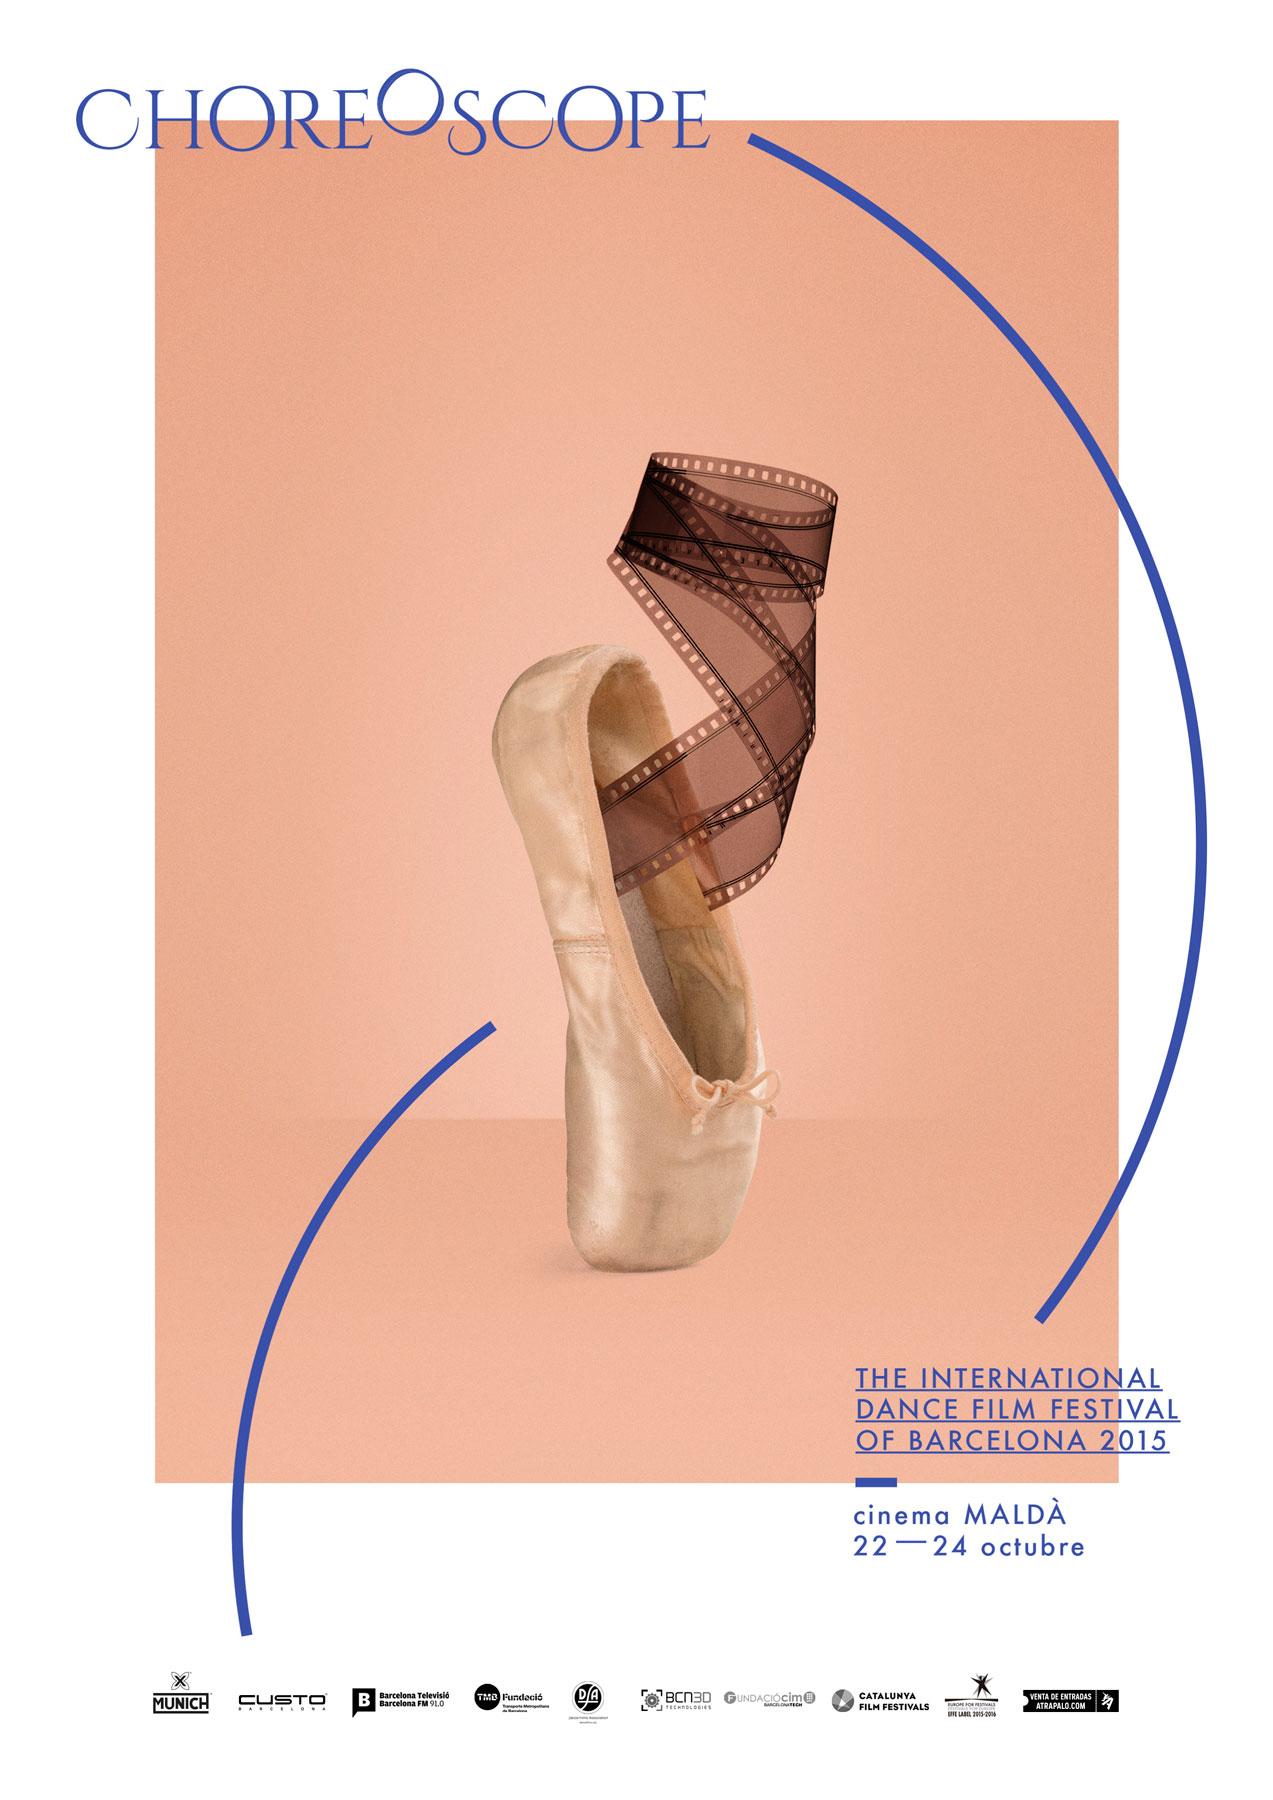 fotografía creativa para el festival Choreoscope